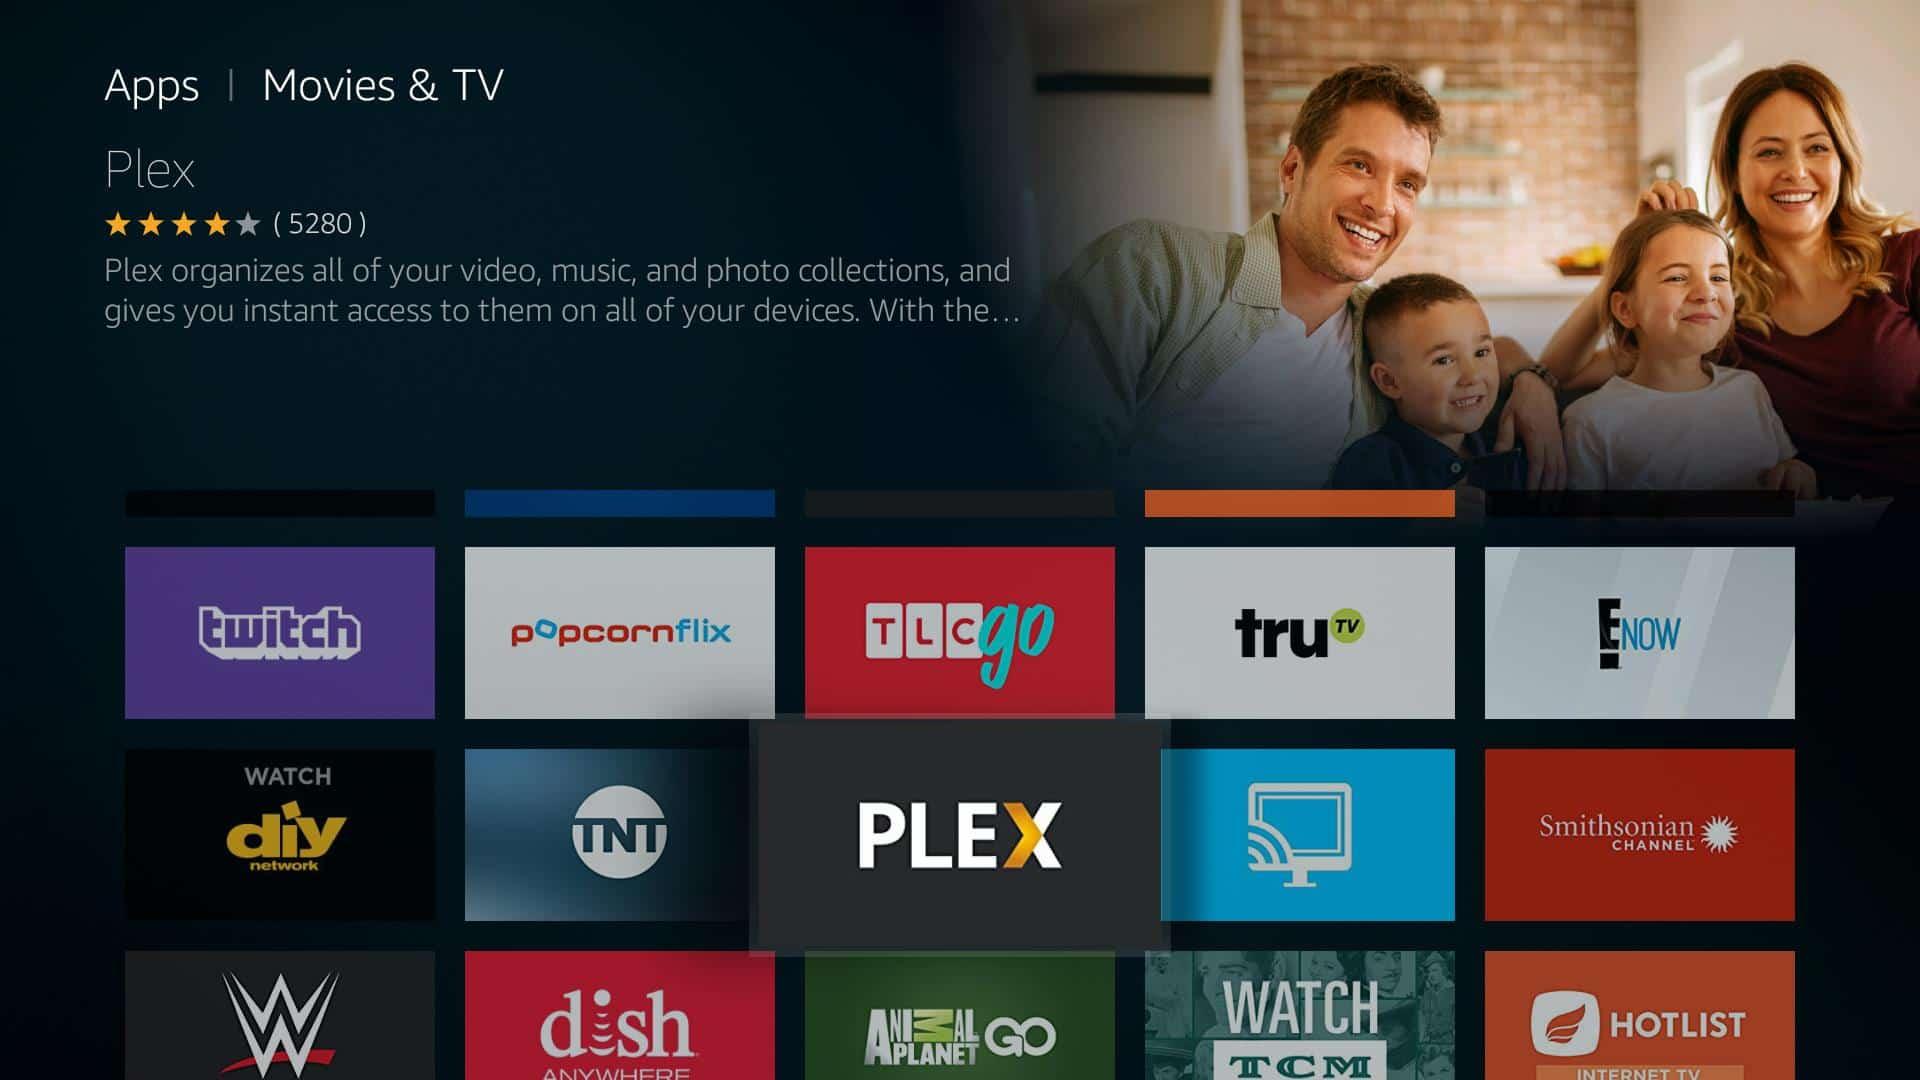 Fire TV Plex App - Install 4